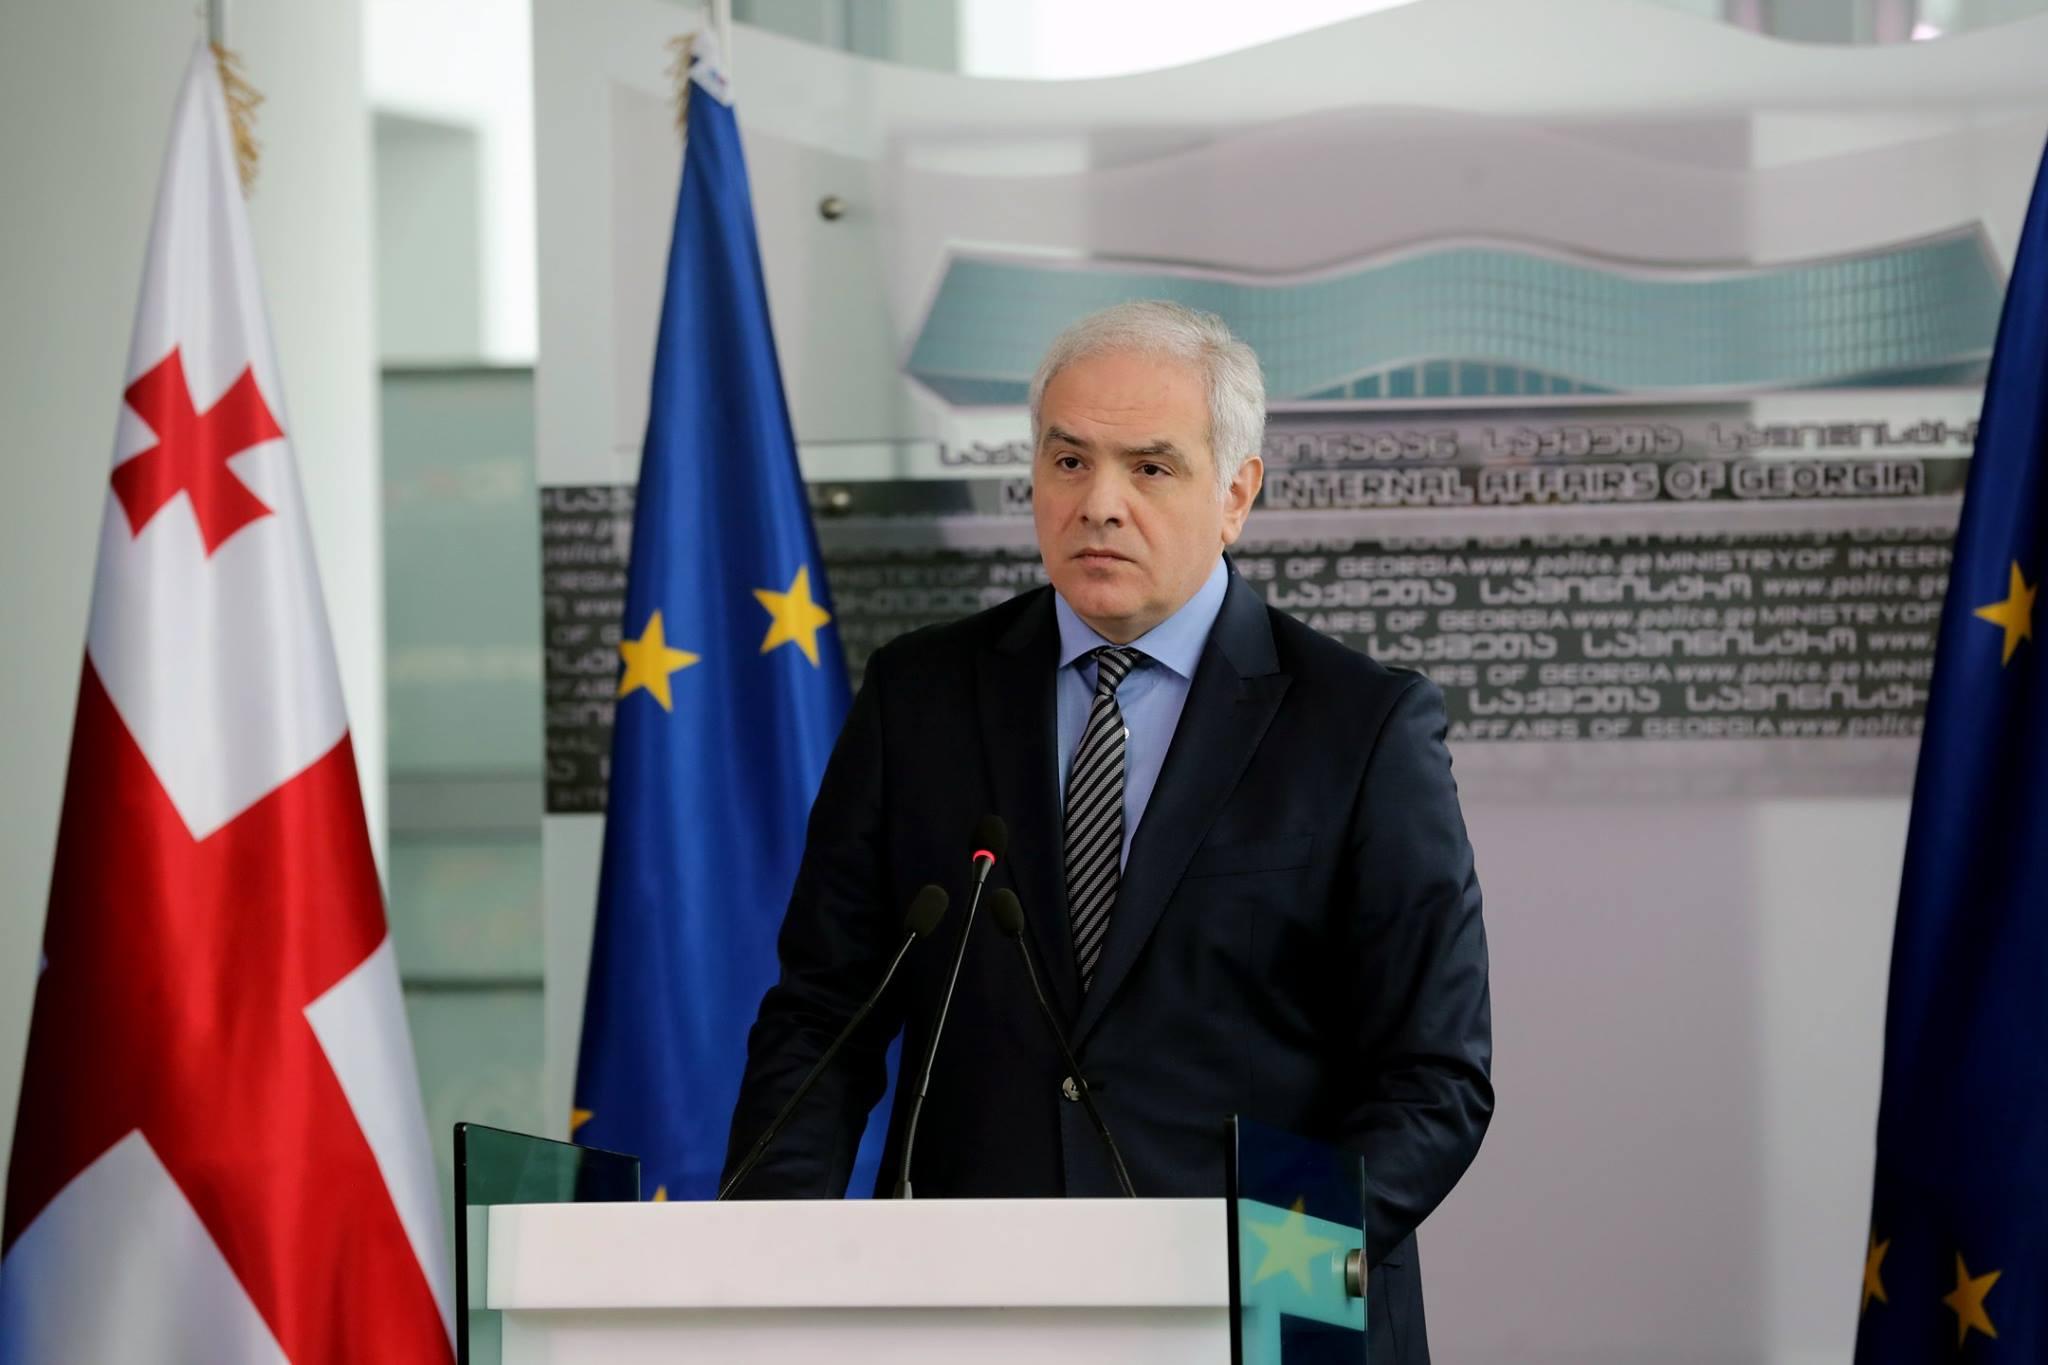 МВД Грузии укрепляет полицейское сотрудничество со странами Евросоюза